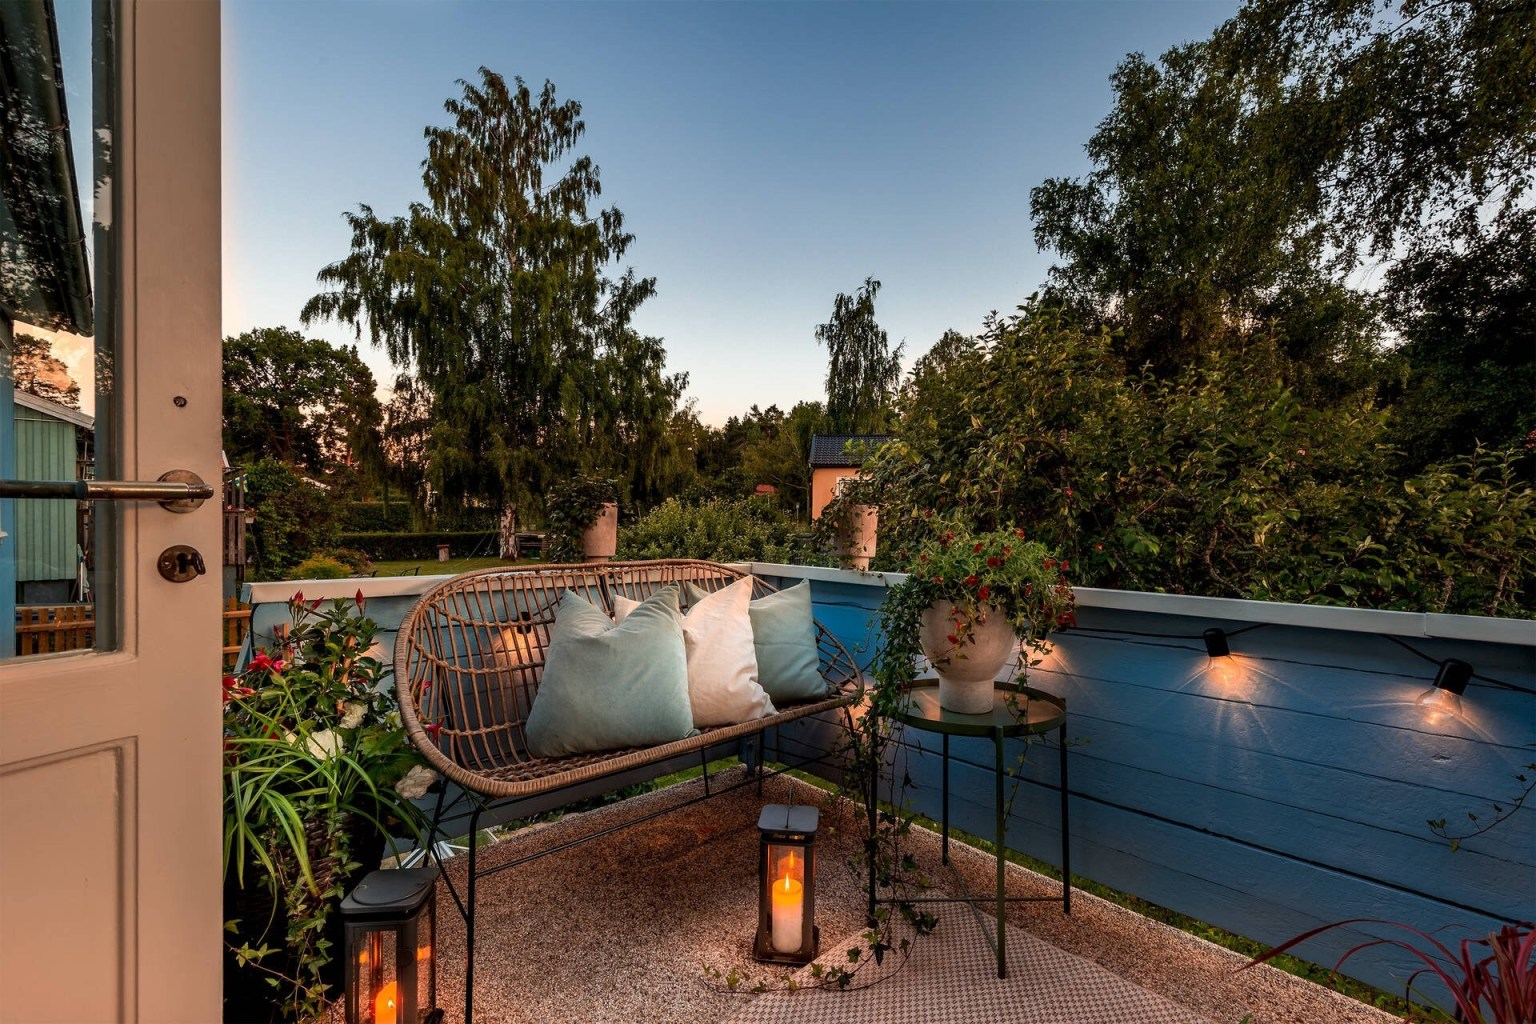 """36 terrace evening lighting 16056887133982035945901 - Căn nhà cấp 4 màu xanh da trời nhìn ngoài thì bình thường mà bên trong khiến ai cũng """"sững sờ"""""""